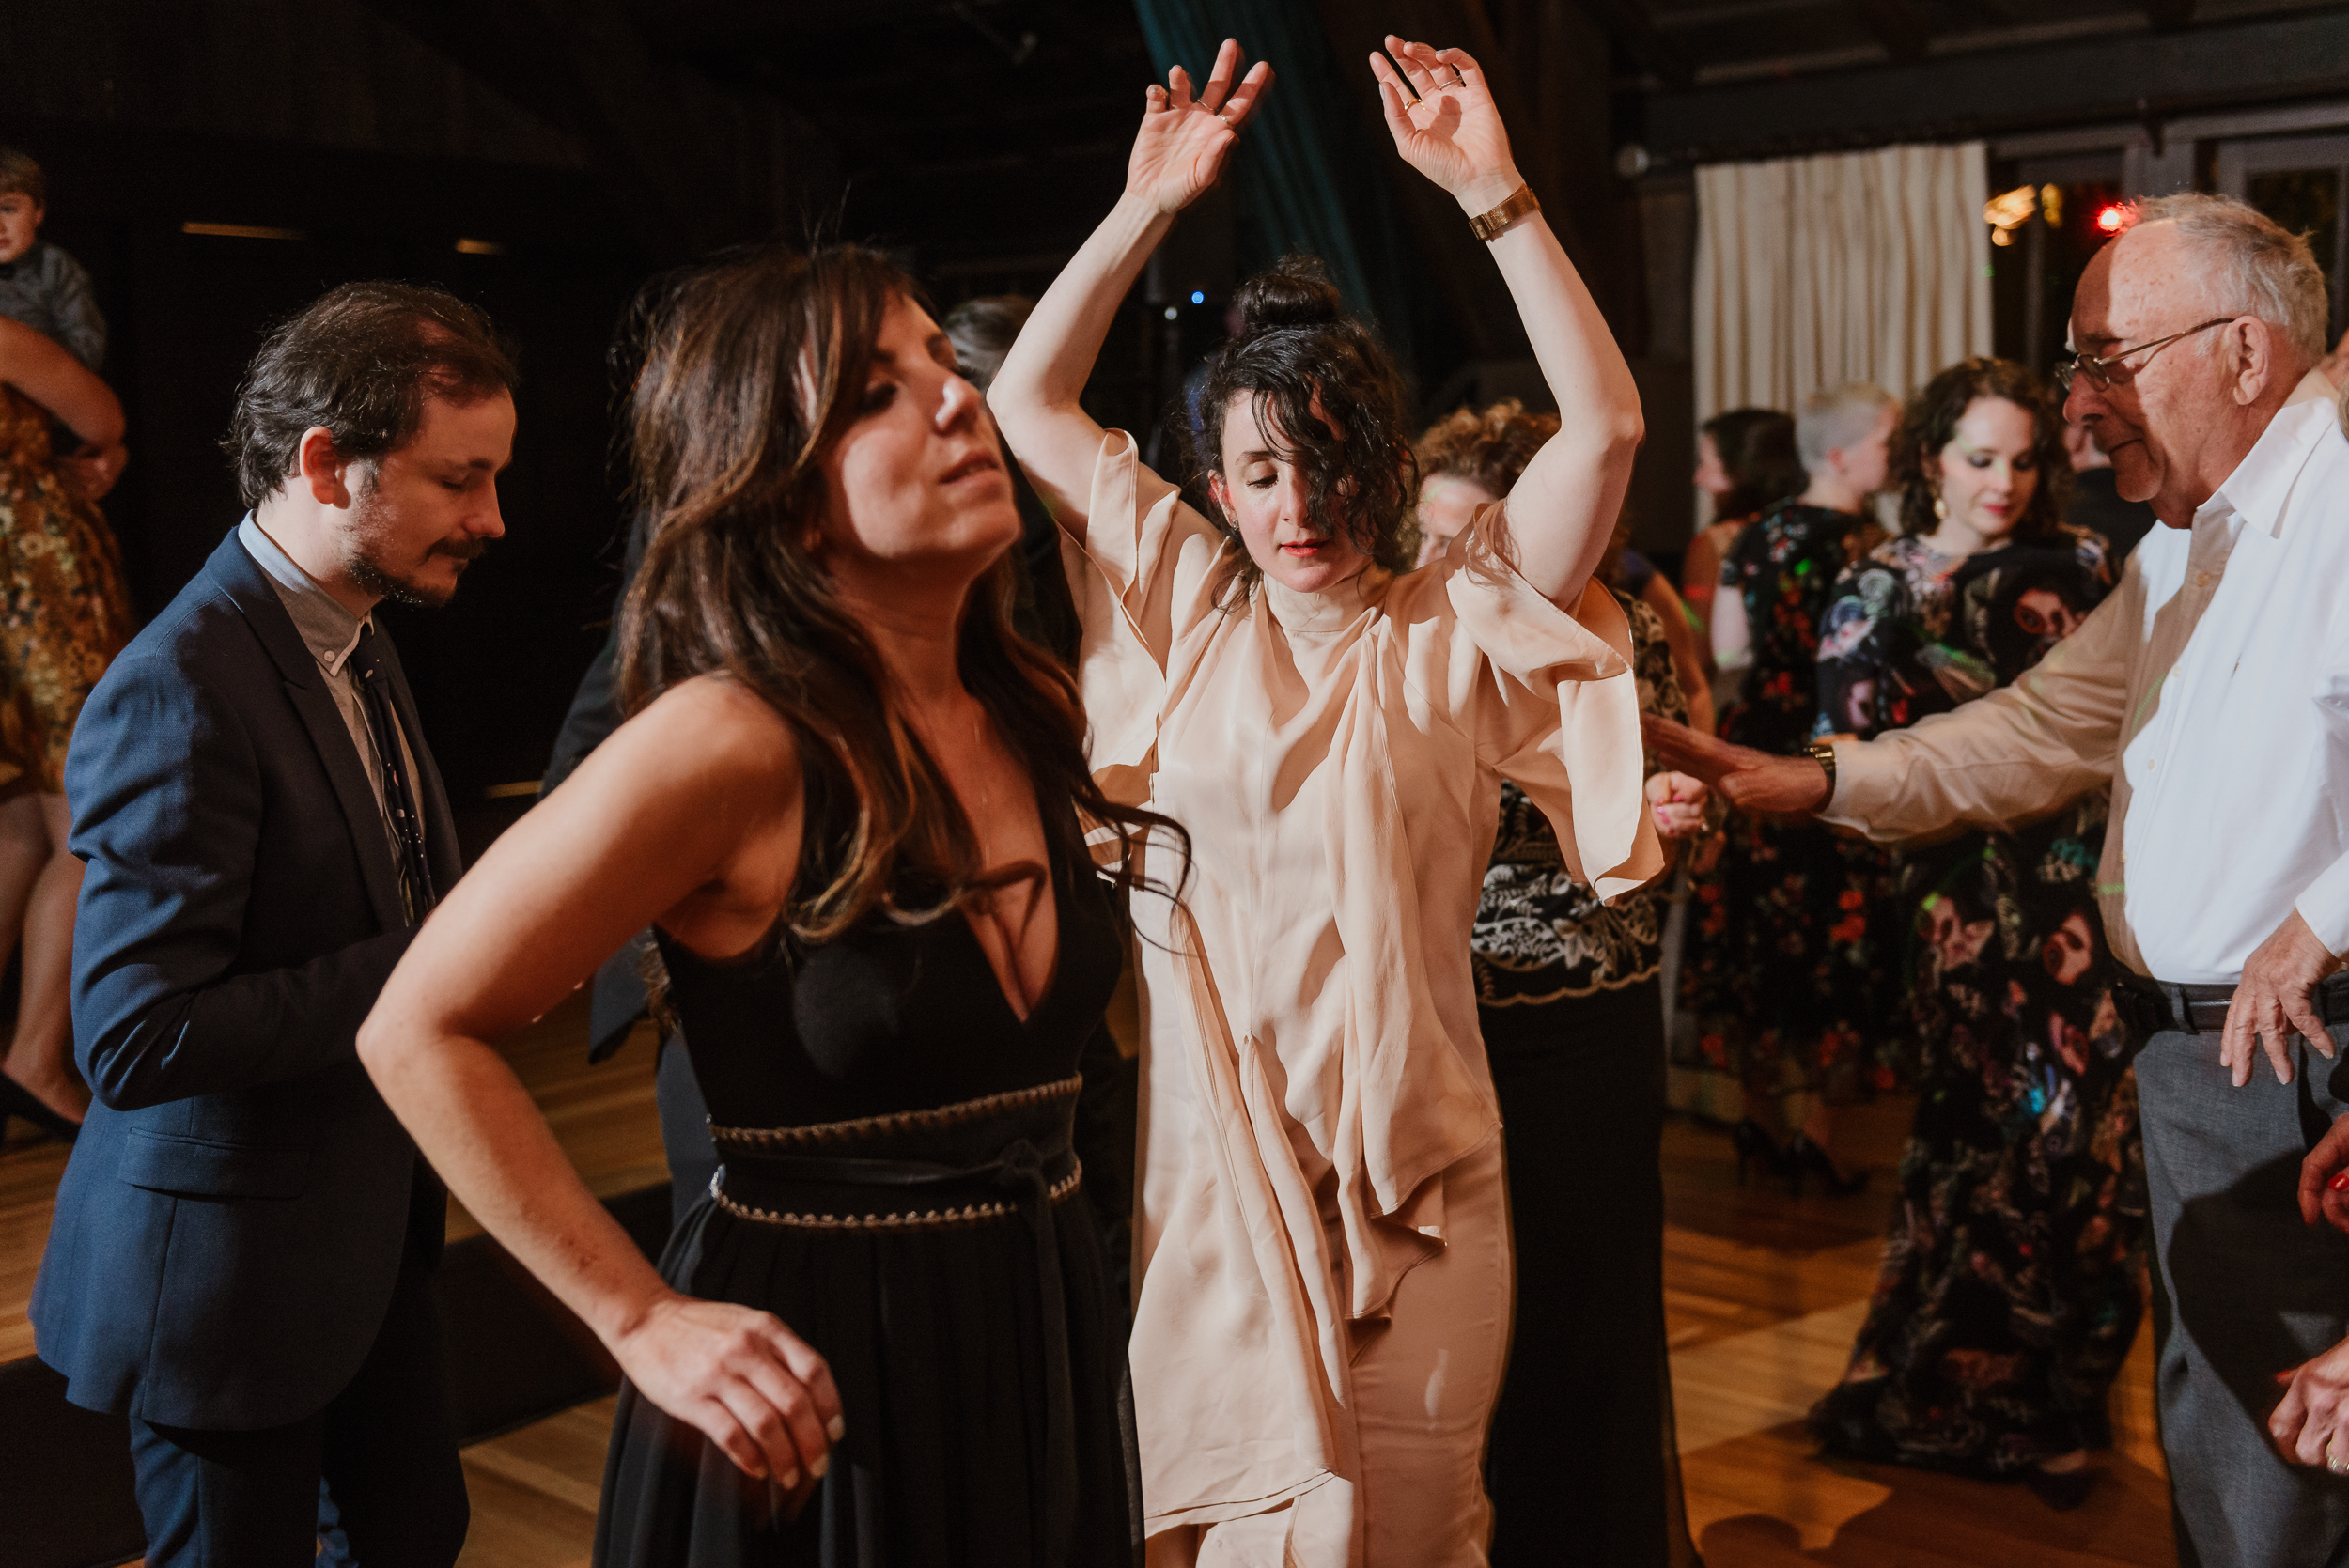 085winter-mill-valley-wedding-outdoor-art-club-wedding-vivianchen-469.jpg